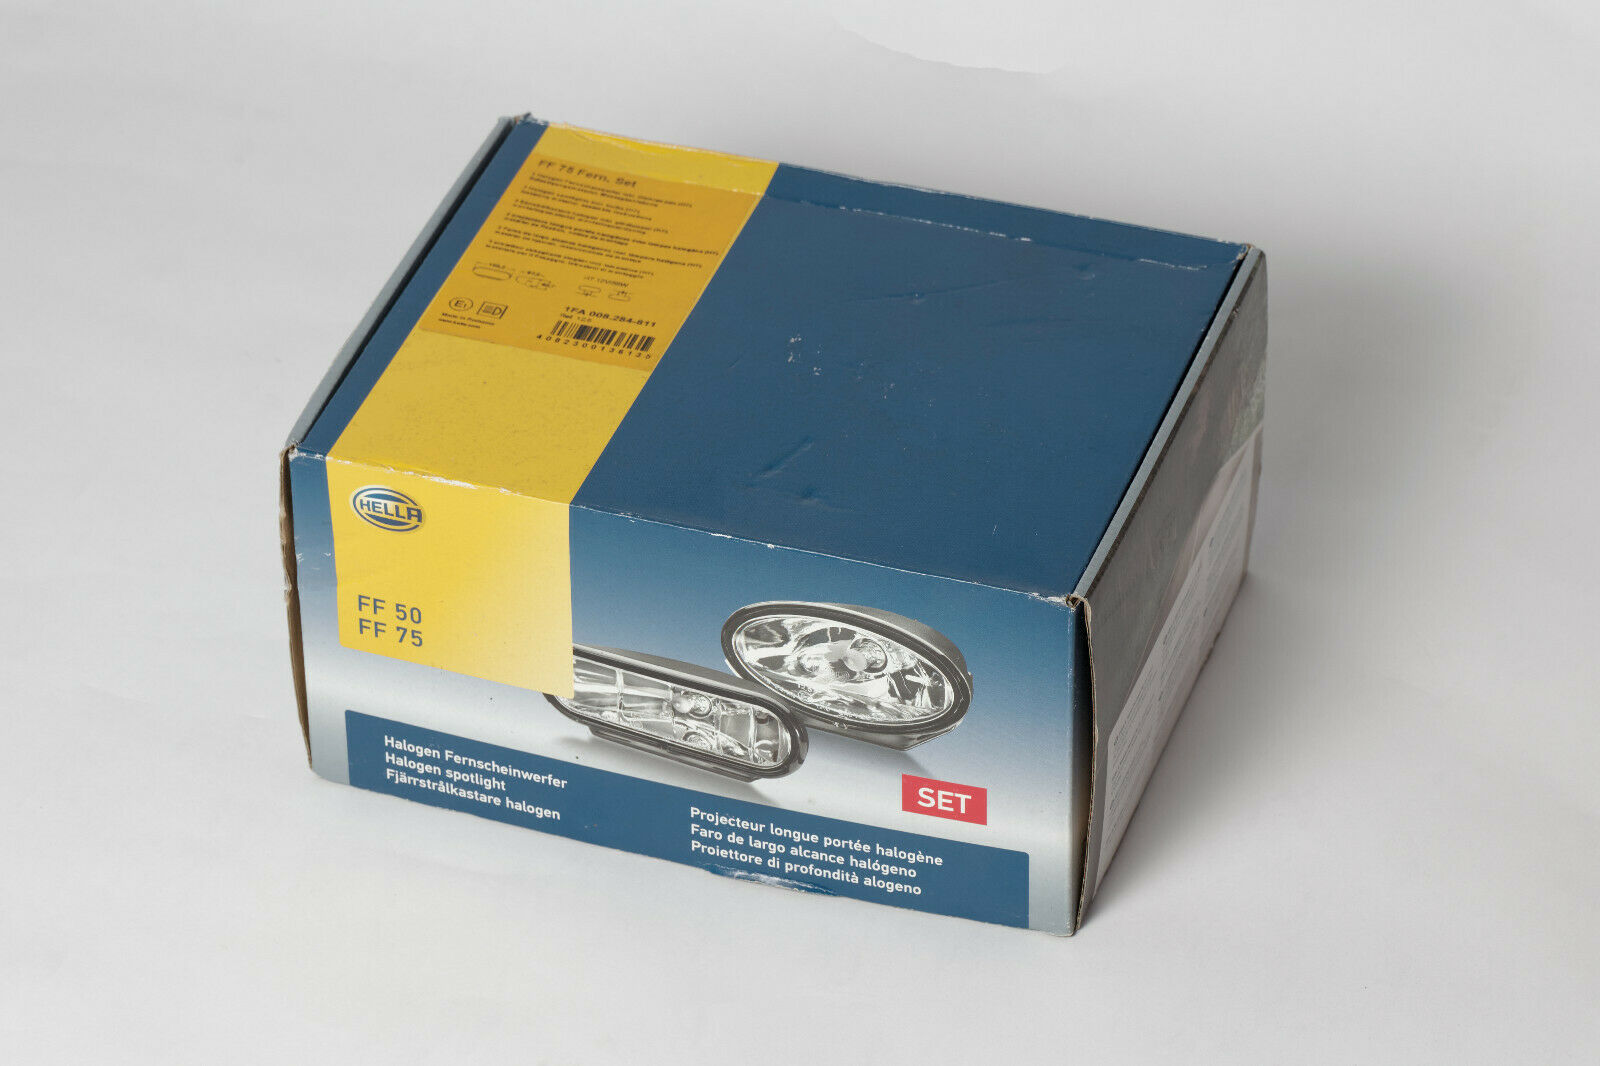 li.+re HELLA 1FA 008 284-811 Fernscheinwerfersatz Halogen FF 75 Set 12 V